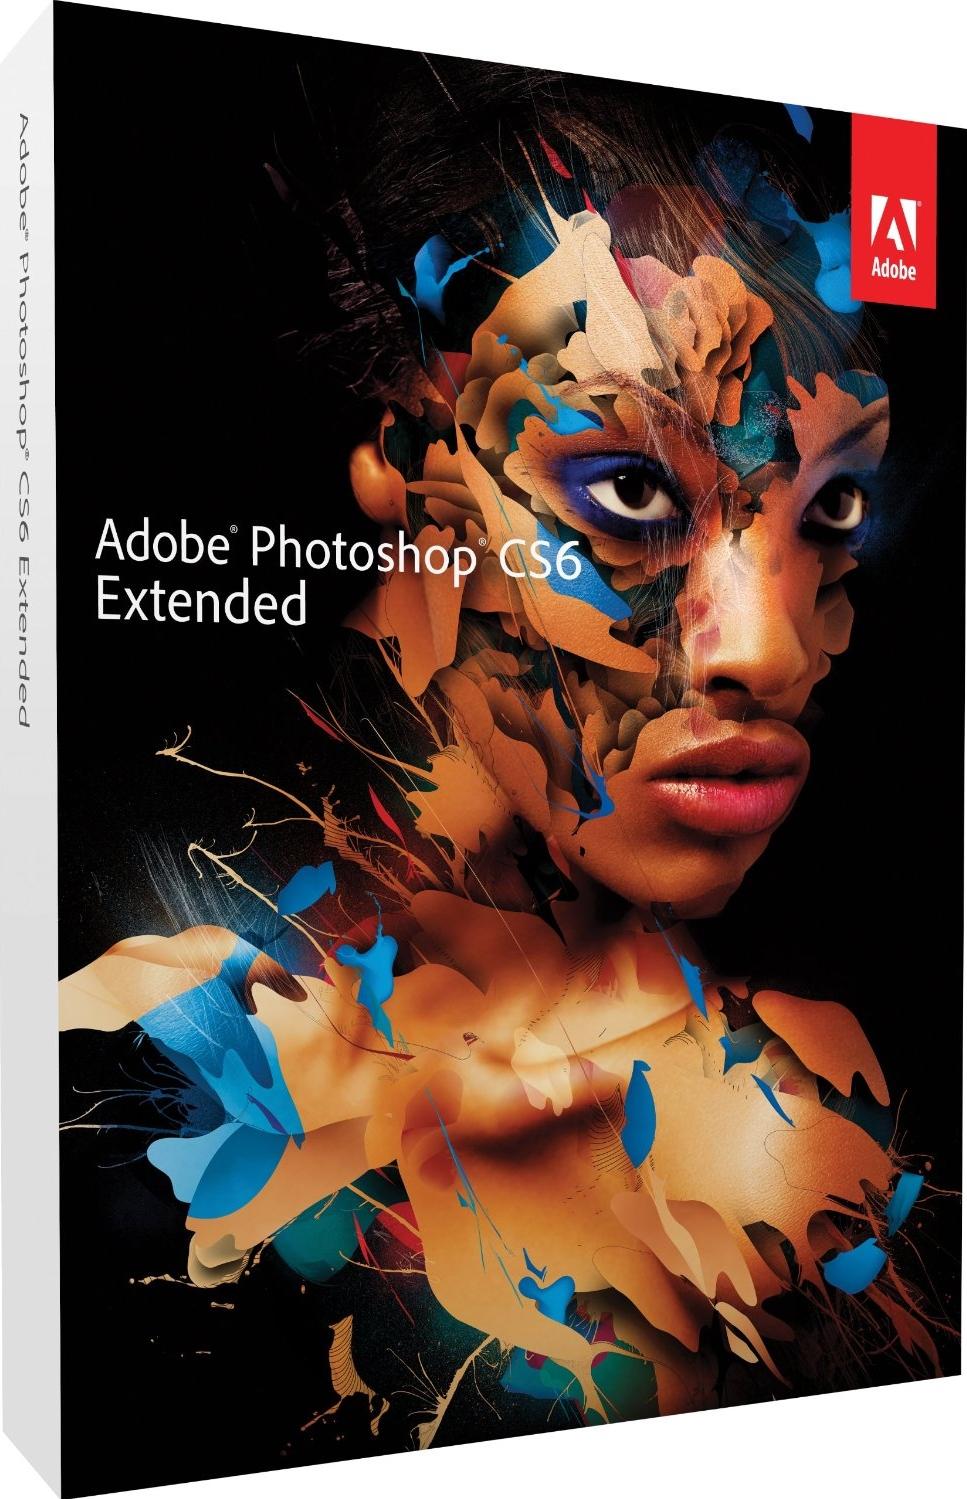 Adobe photoshop CS6 tutoriales español  imágenes y videos